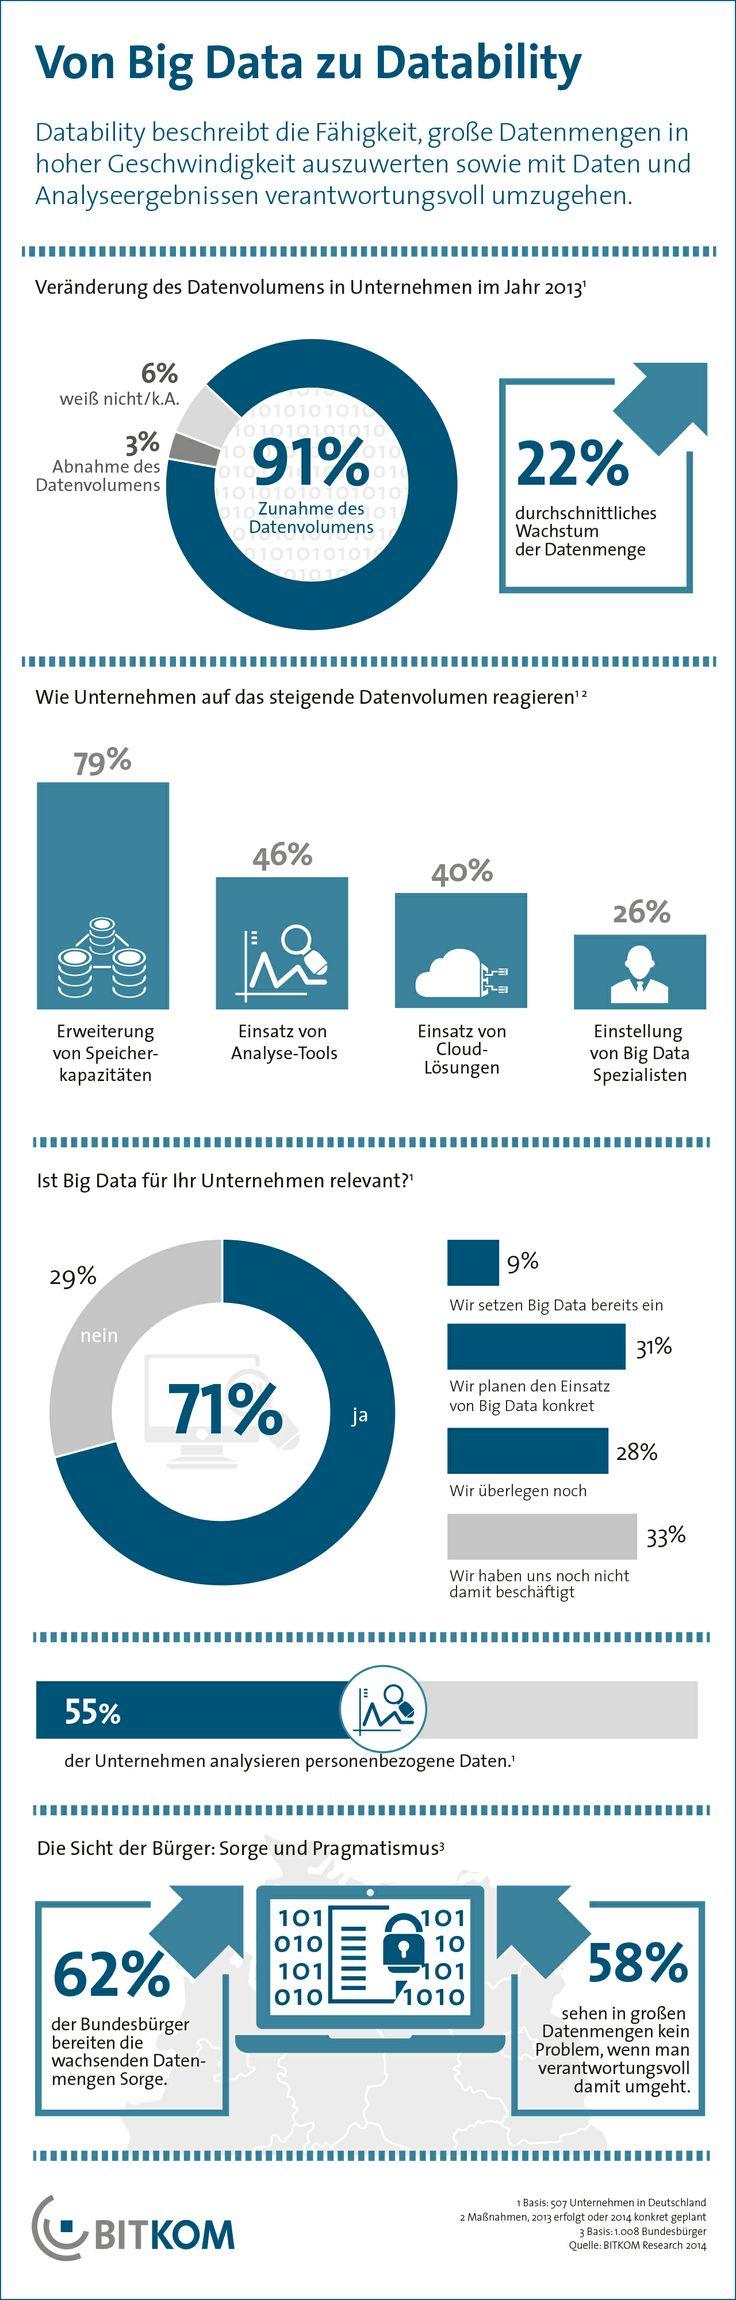 Der Einsatz von Big Data steht vor dem Durchbruch. Aktuell setzt in Deutschland fast jedes zehnte Unternehmen Big-Data-Lösungen ein und 31 Prozent haben konkrete Pläne, dies künftig zu tun.